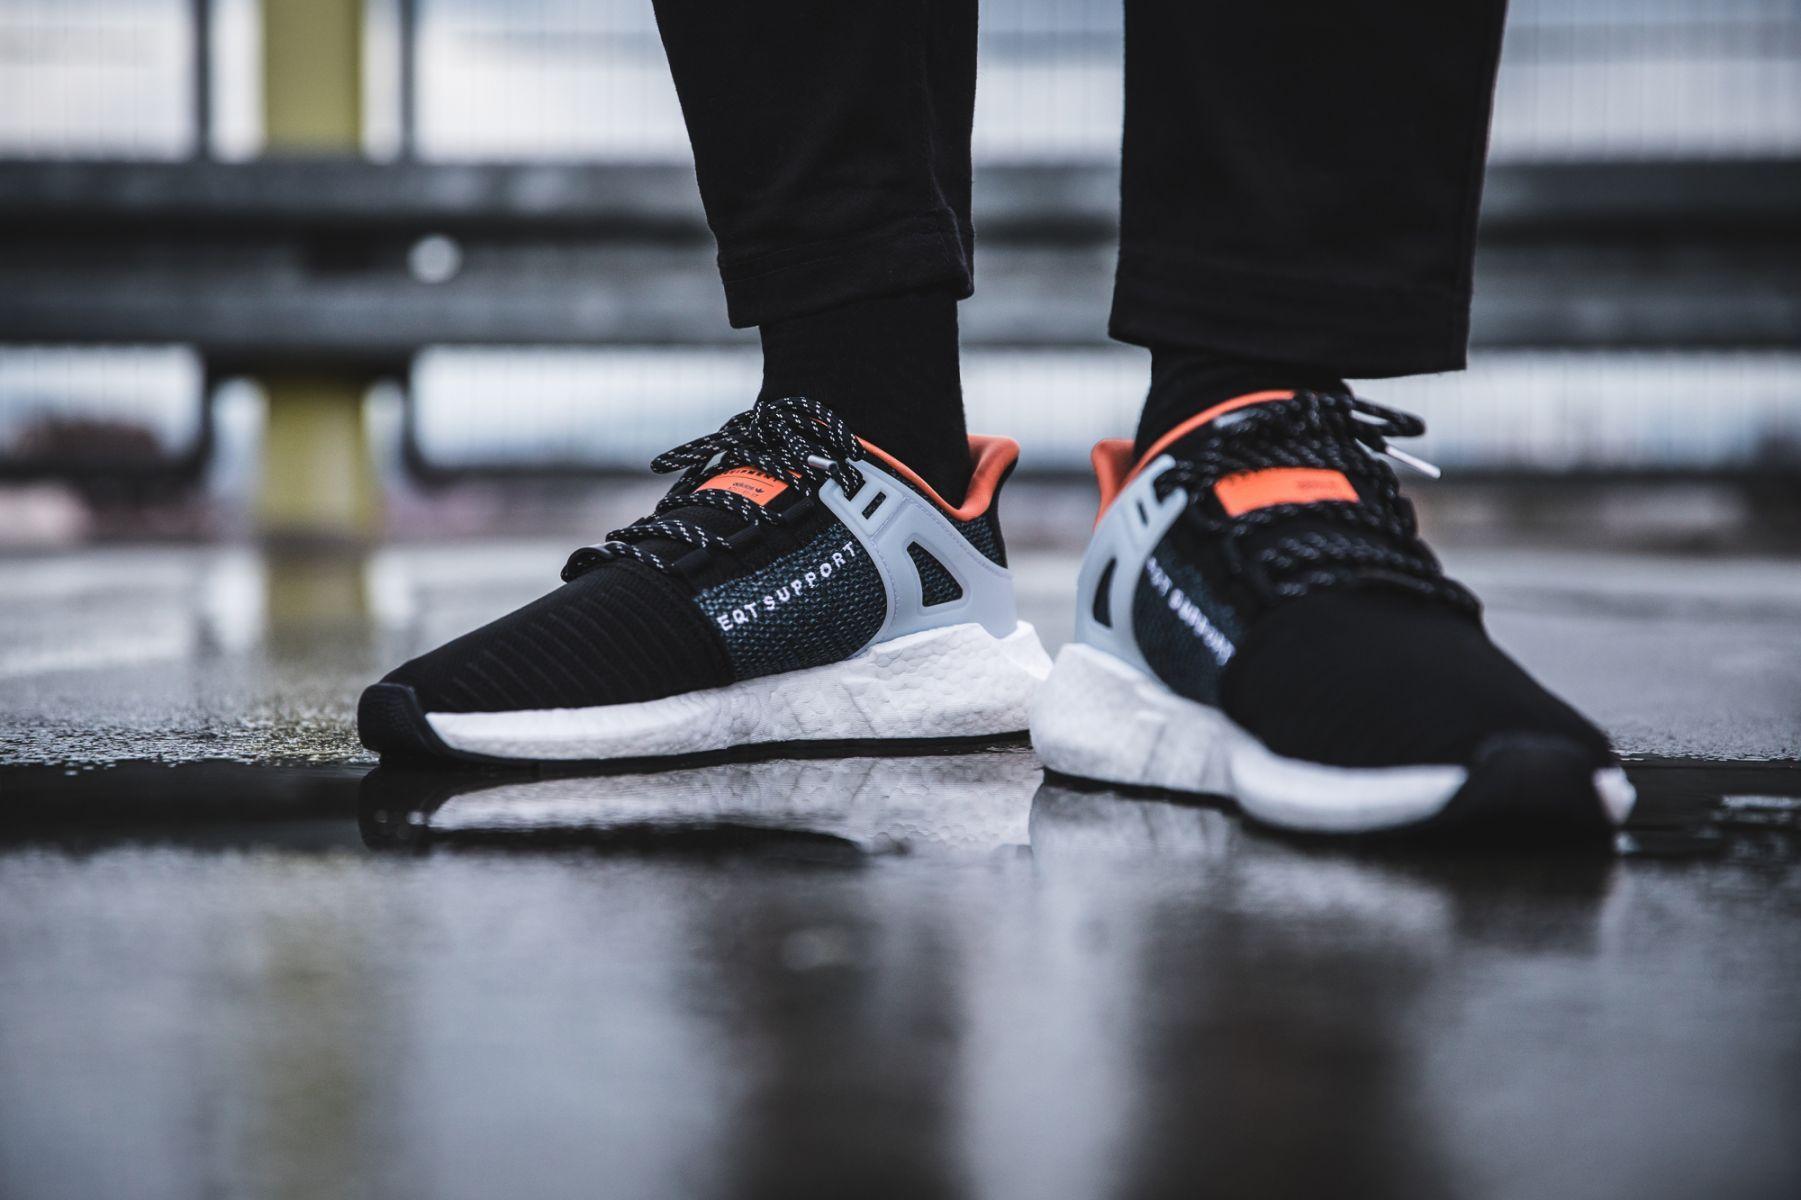 huge discount 6c5b2 cd809 Release des adidas EQT Support 93 17 Welding Pack Black ist im 01.12.2017.  Bleibe mit 99kicks.com immer auf dem Laufenden was heiße Sneaker Releases  angeht